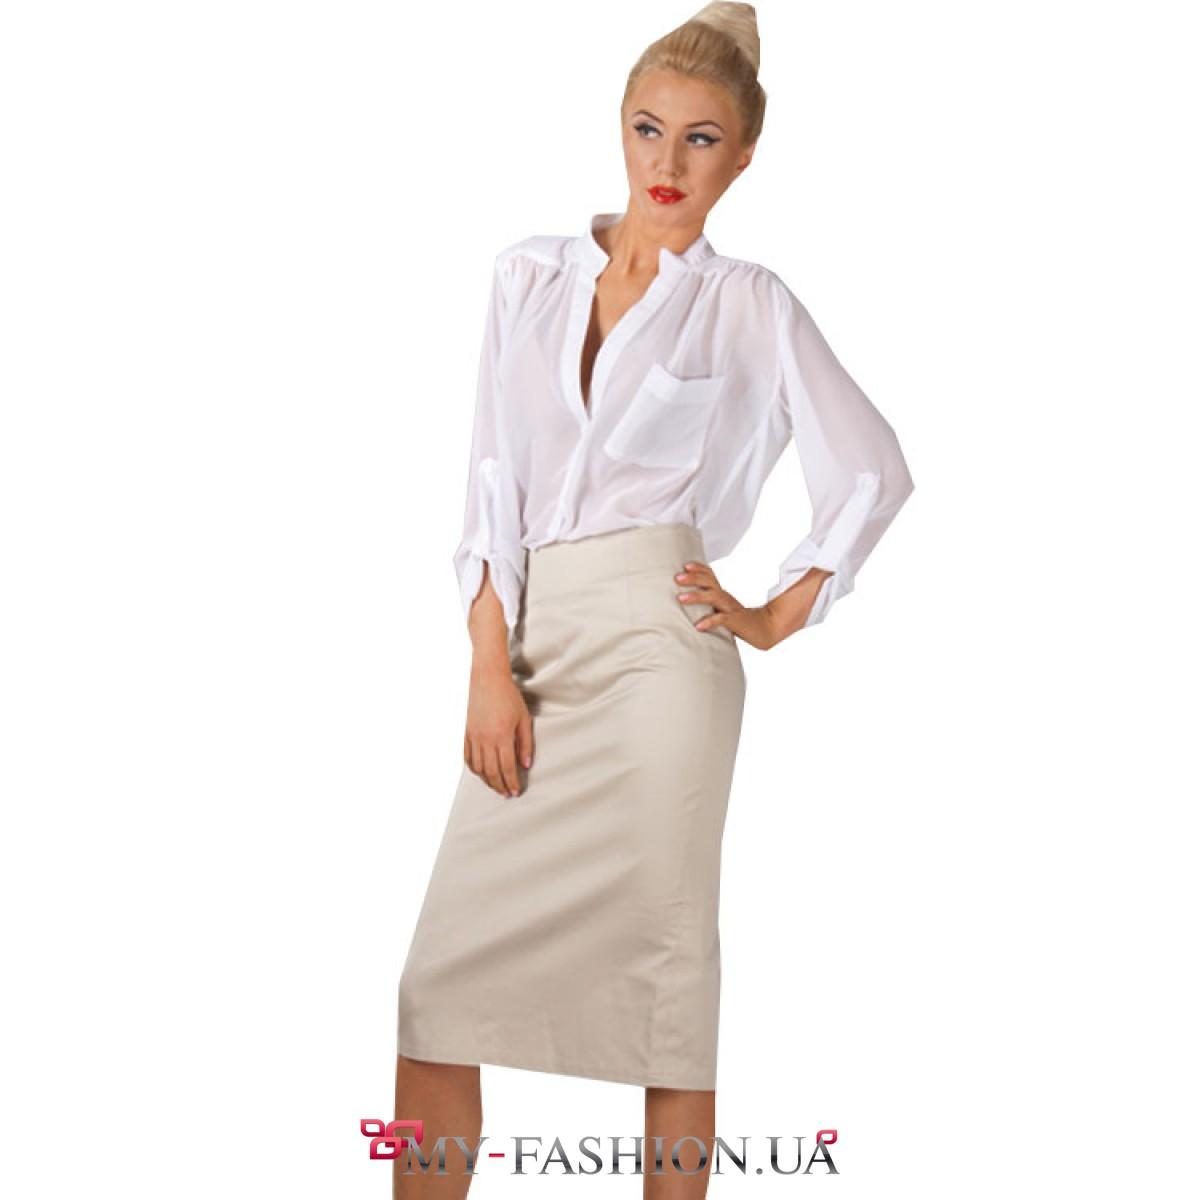 Классические юбки доставка